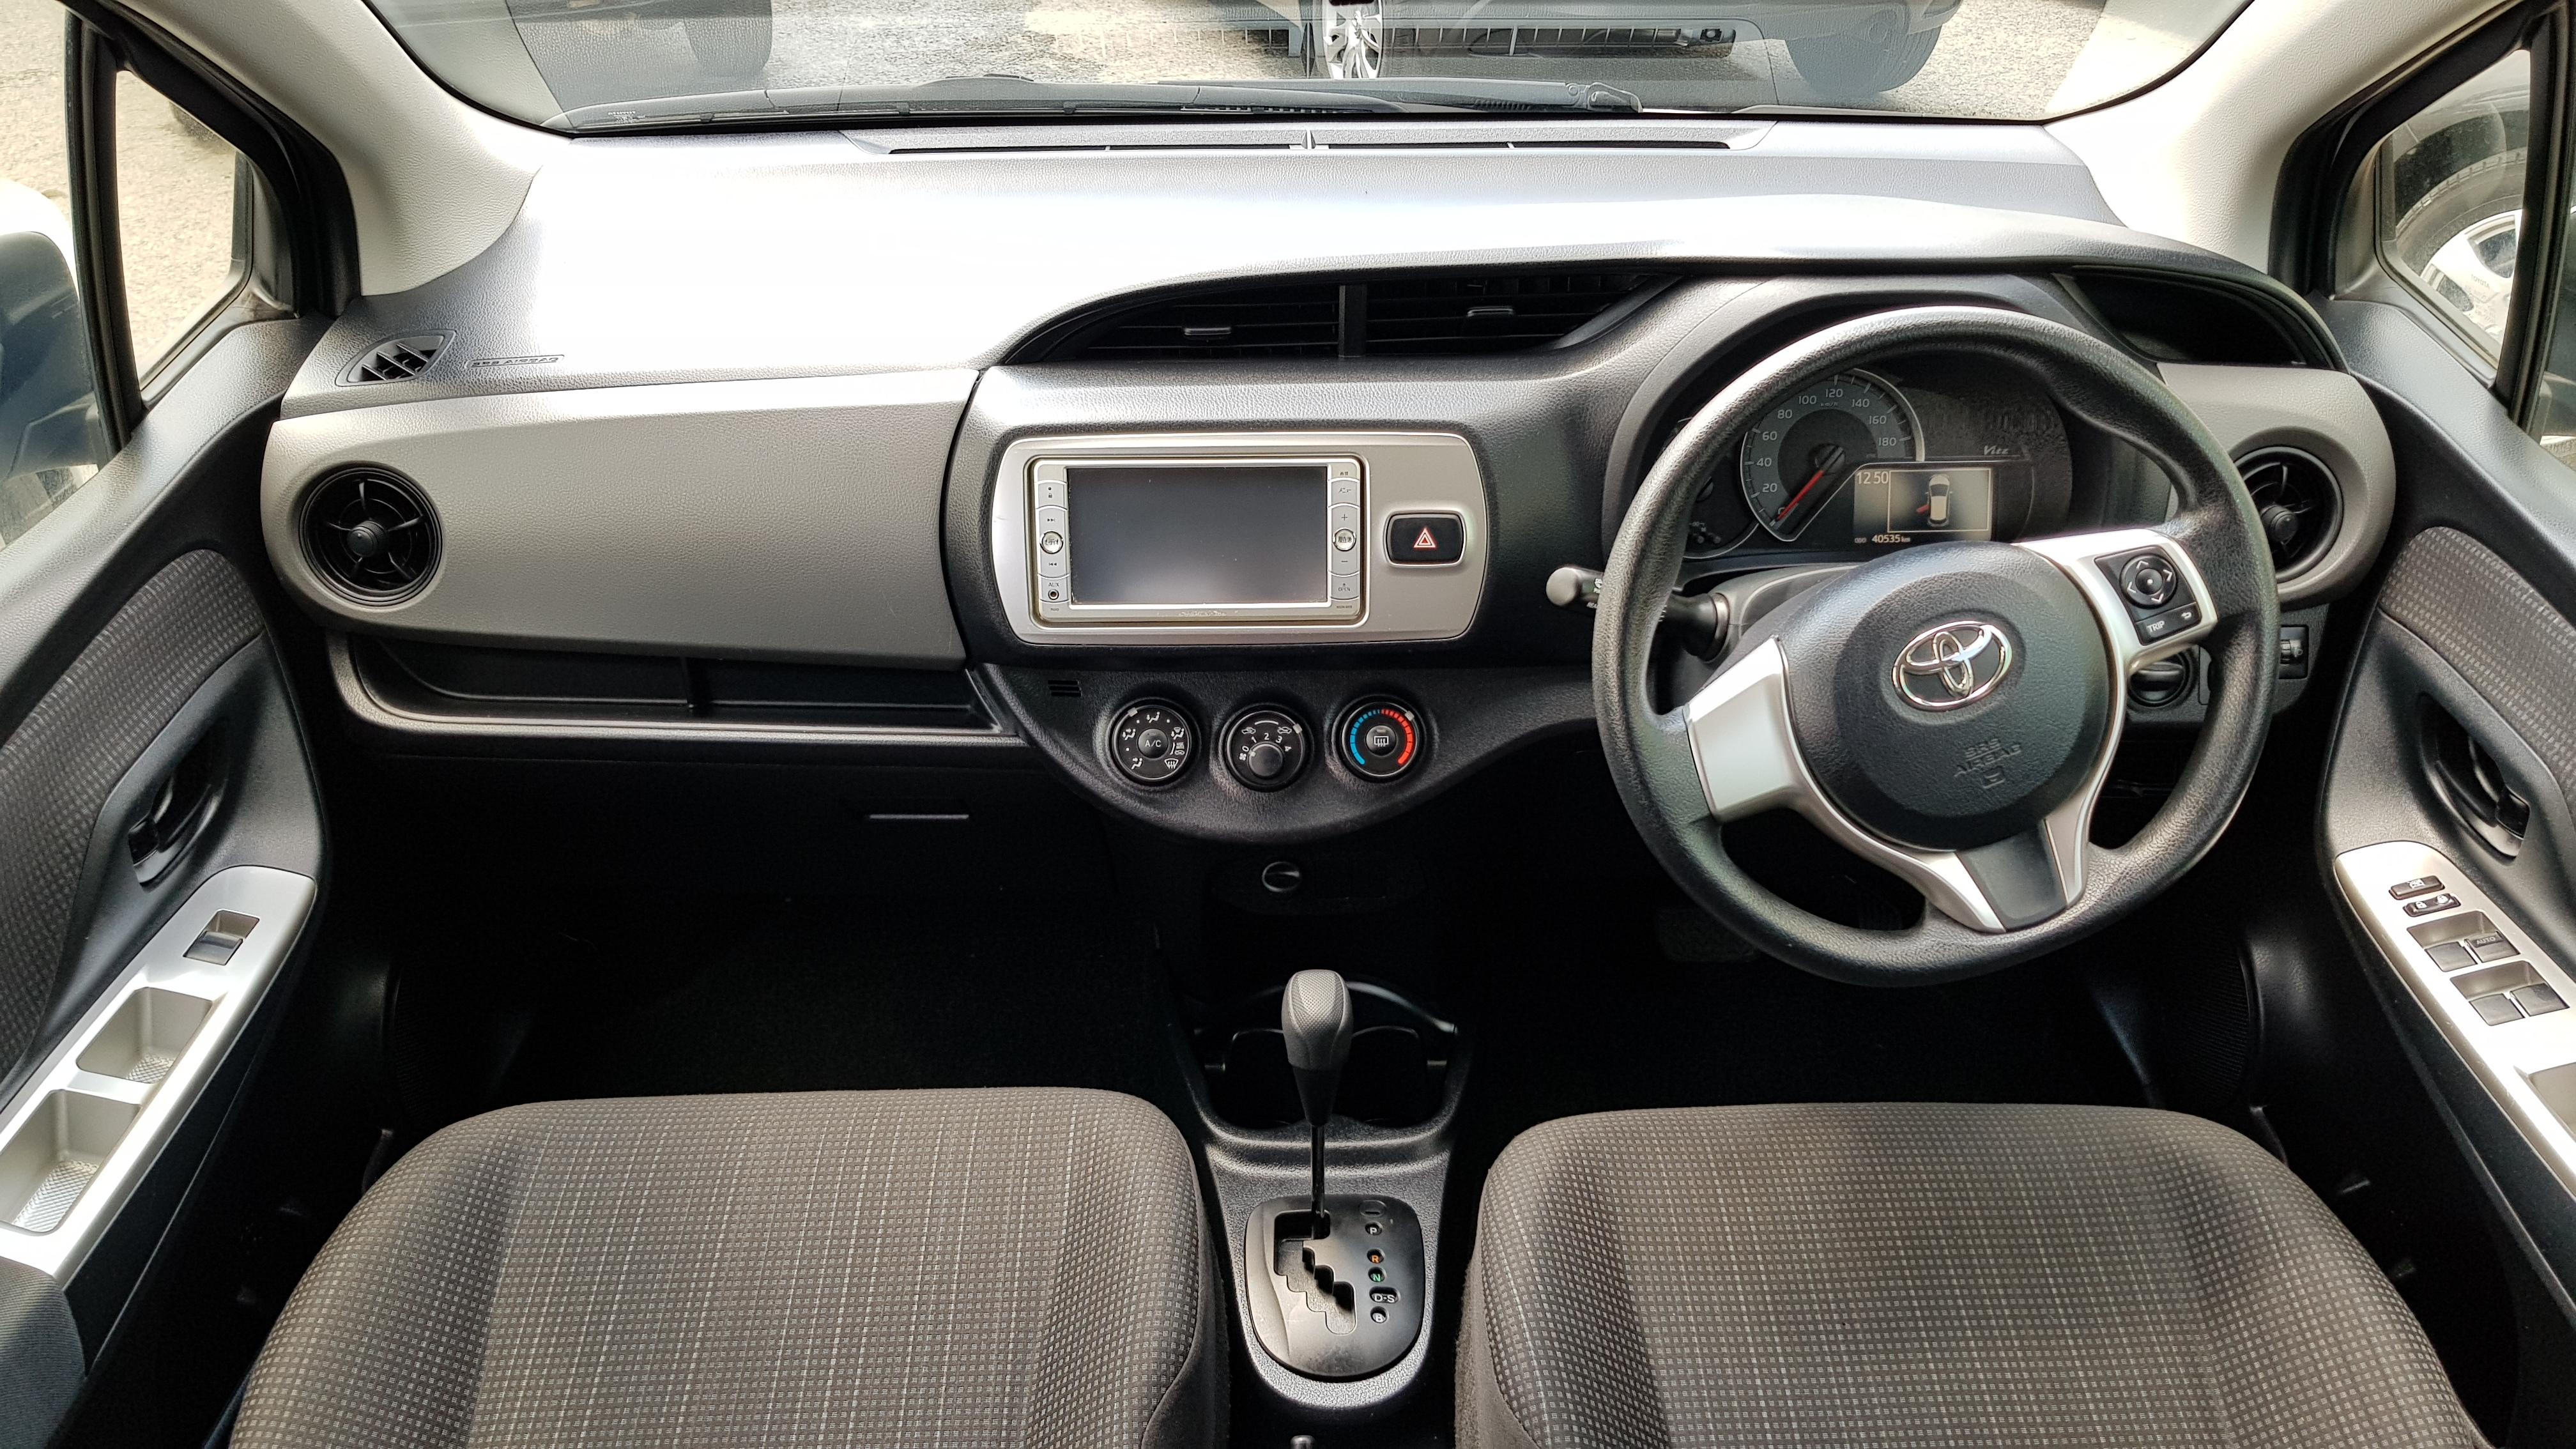 Toyota Vitz 2015 Silver